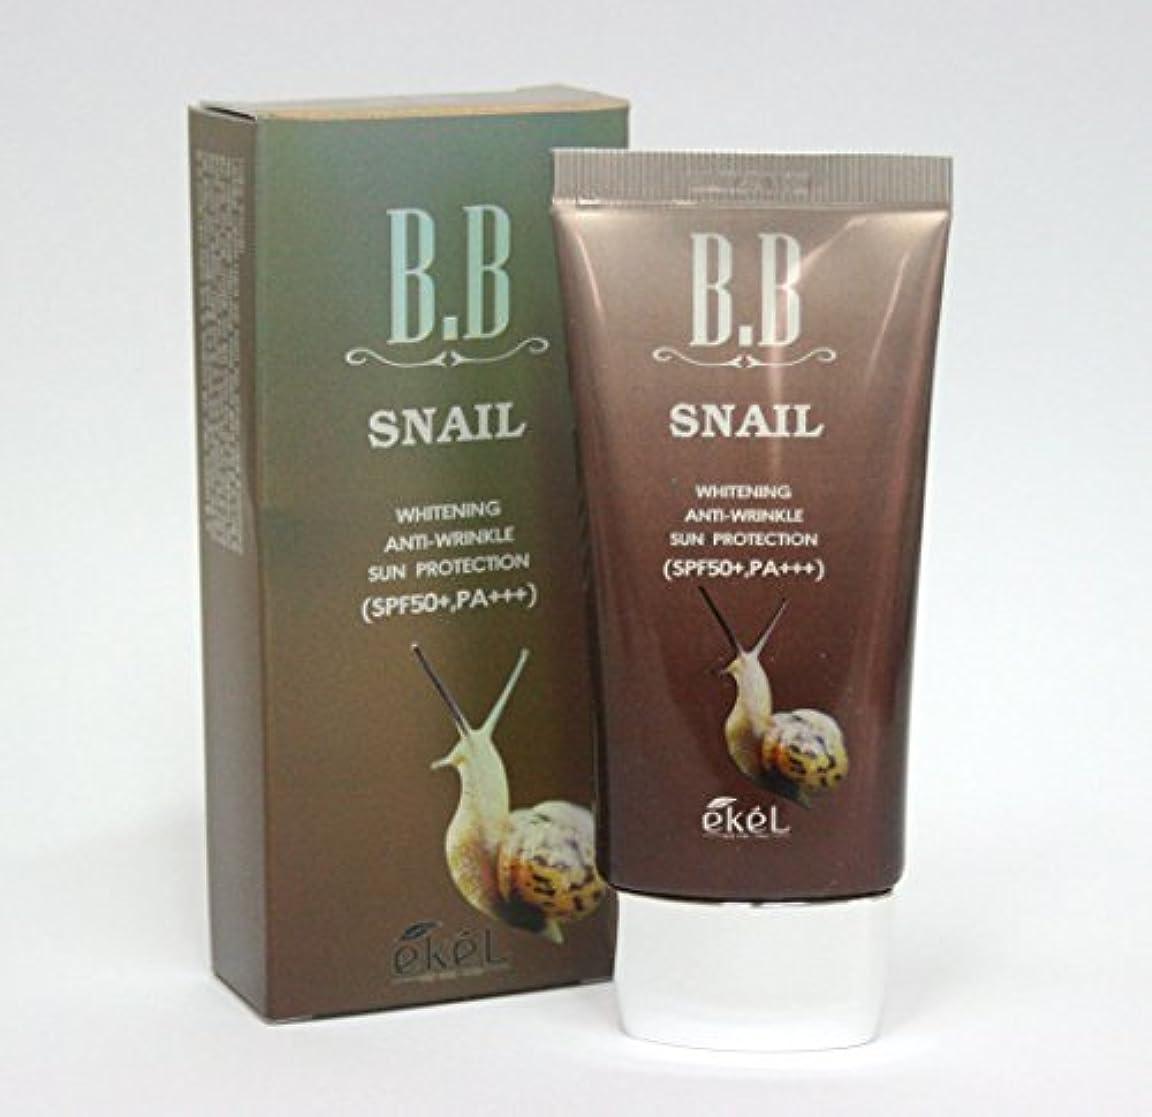 大人アレイナット[Ekel] カタツムリBBクリーム50ml / ホワイトニング , SPF50 + PA +++ / 韓国化粧品 / Snail BB Cream 50ml / Whitening, SPF50+ PA+++ / Korea...